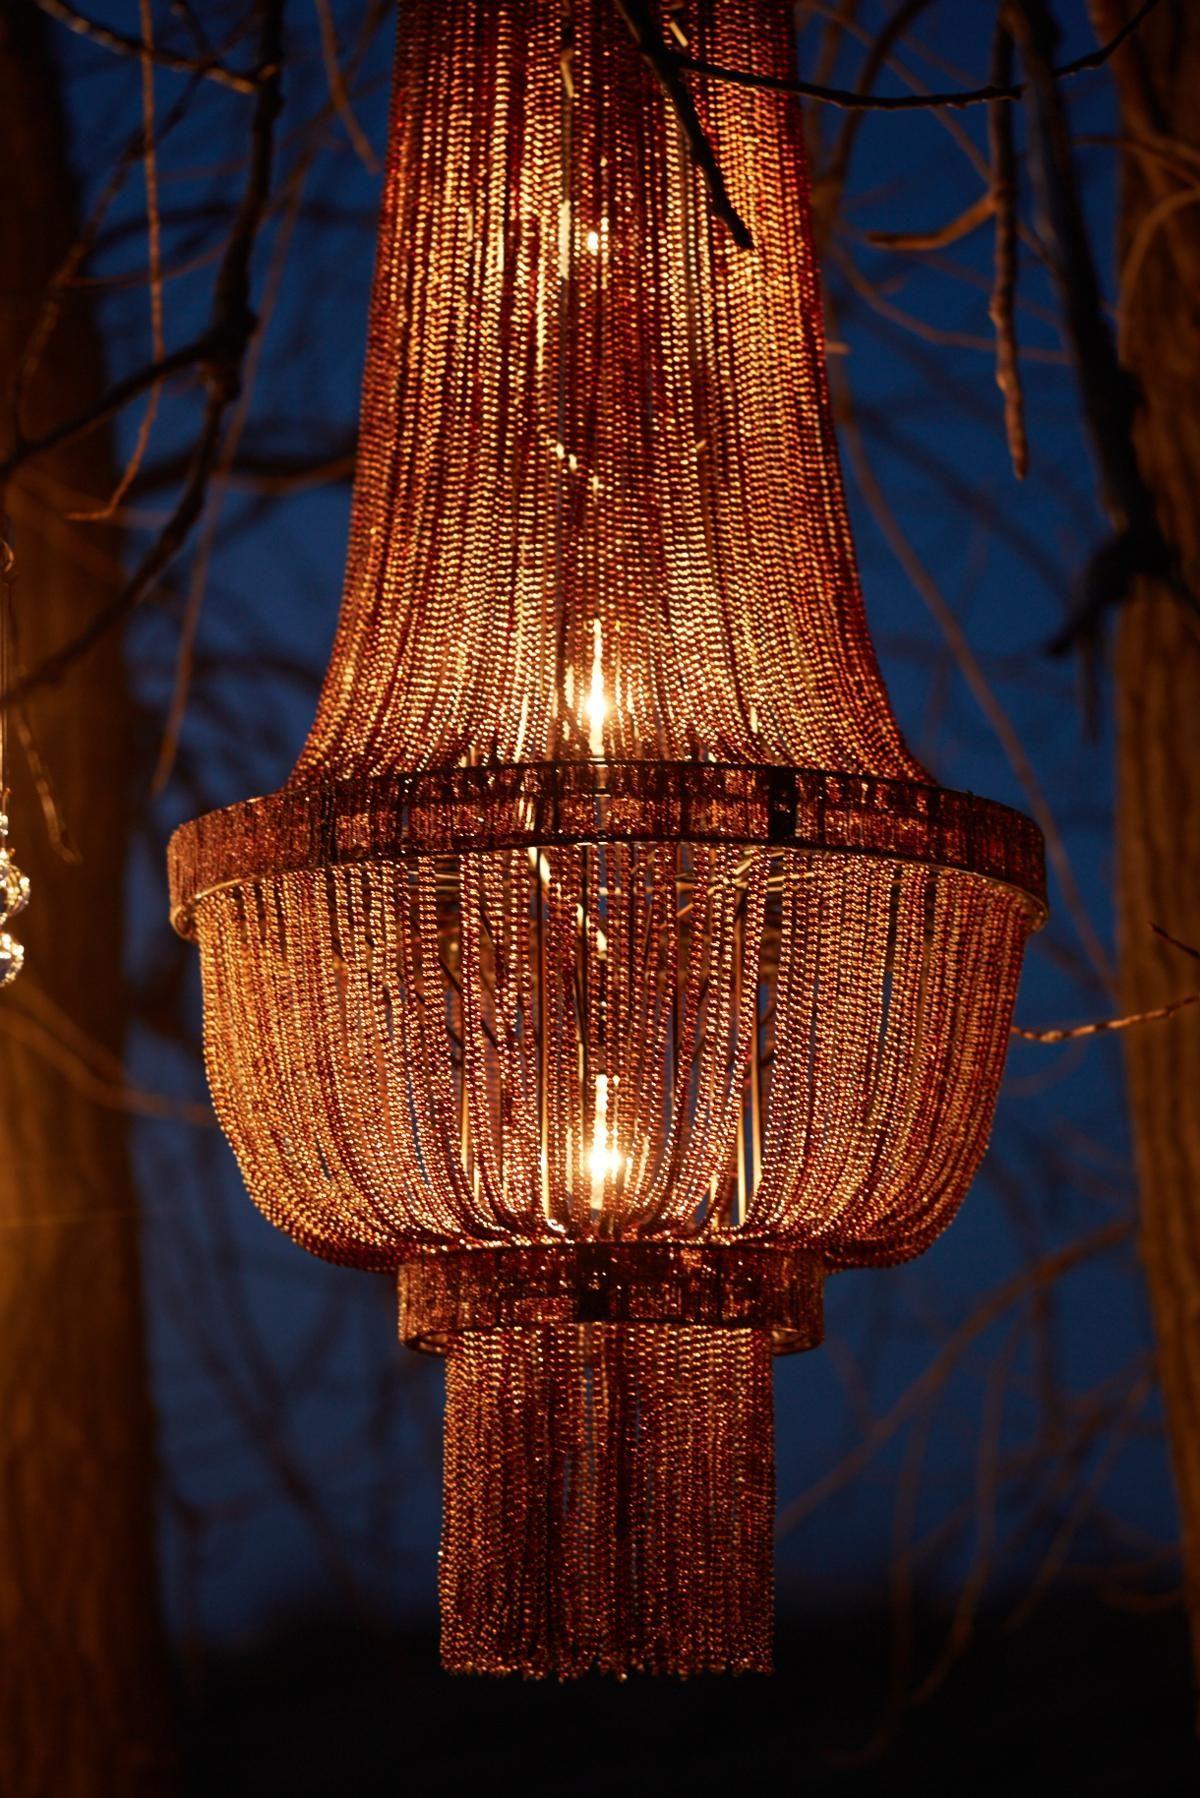 The Pluie aubergine chandelier all lit up Arhaus